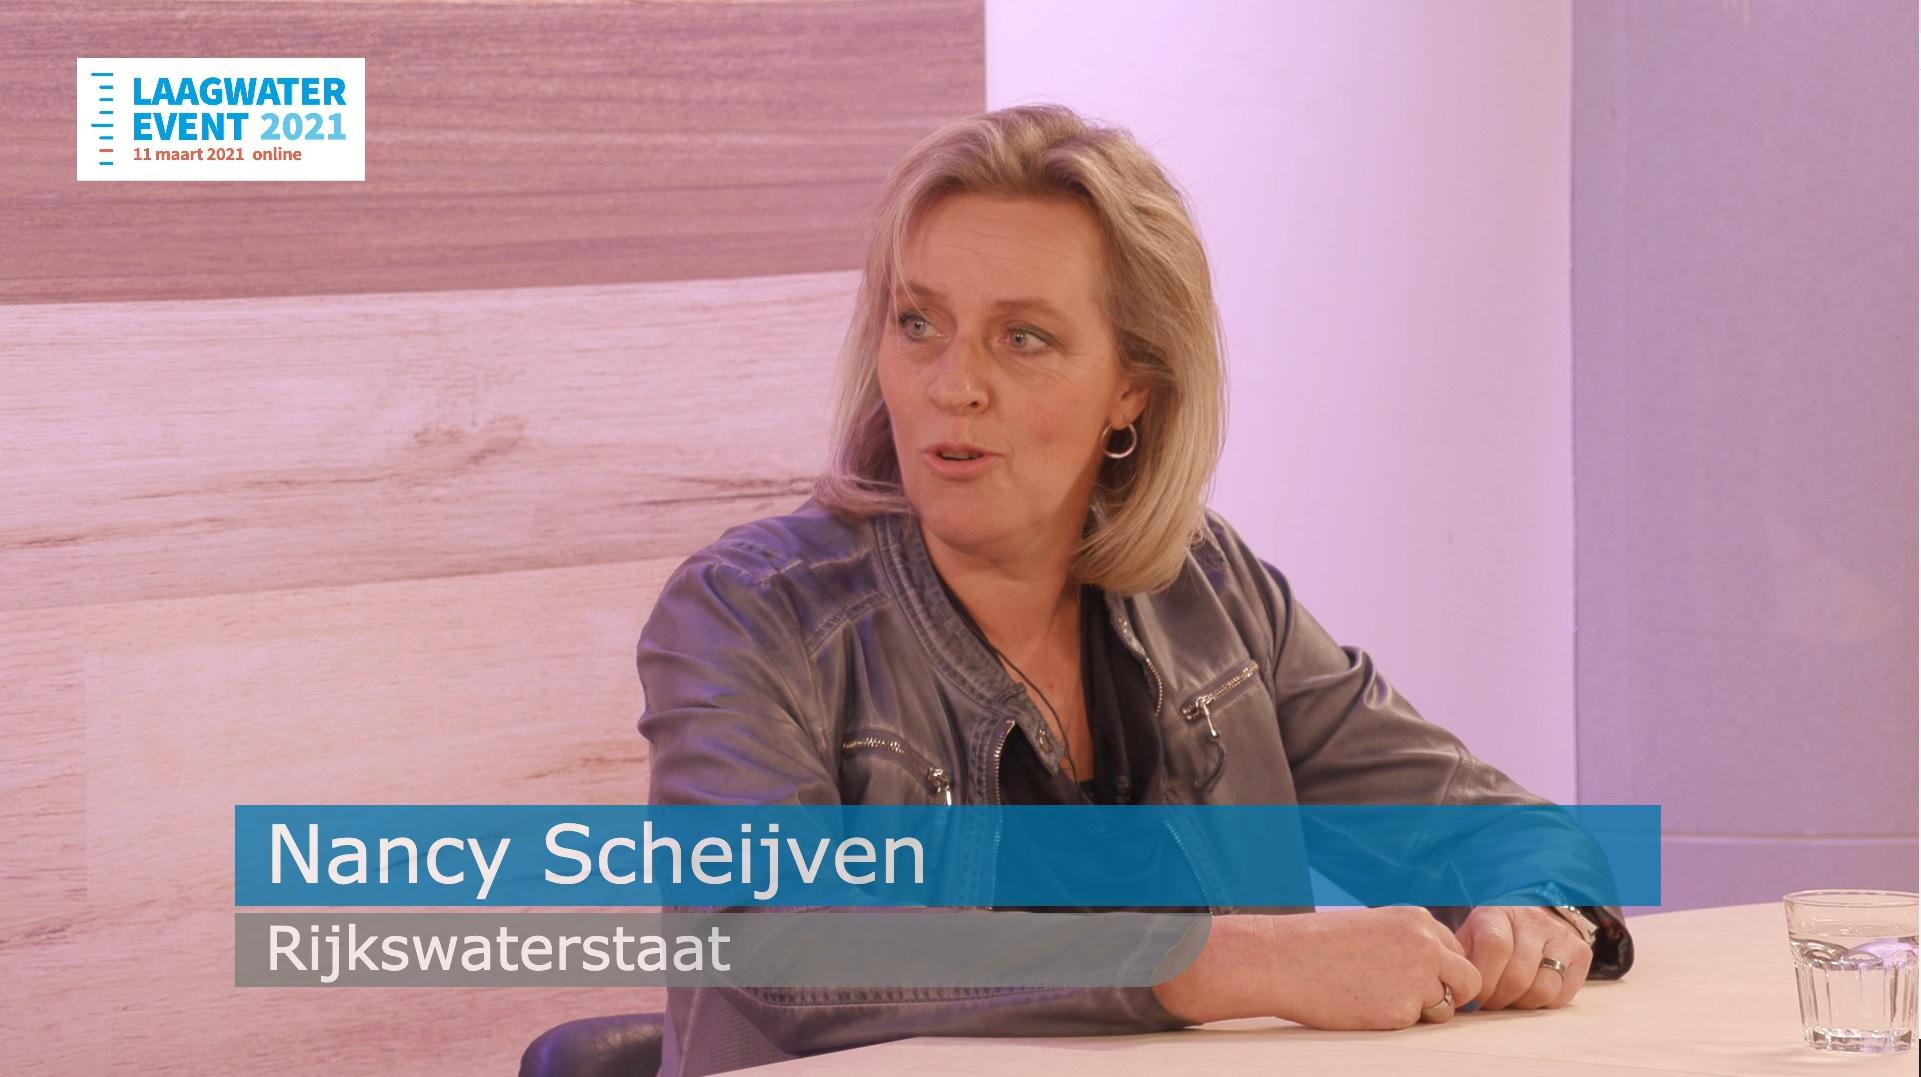 Nancy Scheijven van Rijkswaterstaat aan tafel bij het Laagwater event 2021